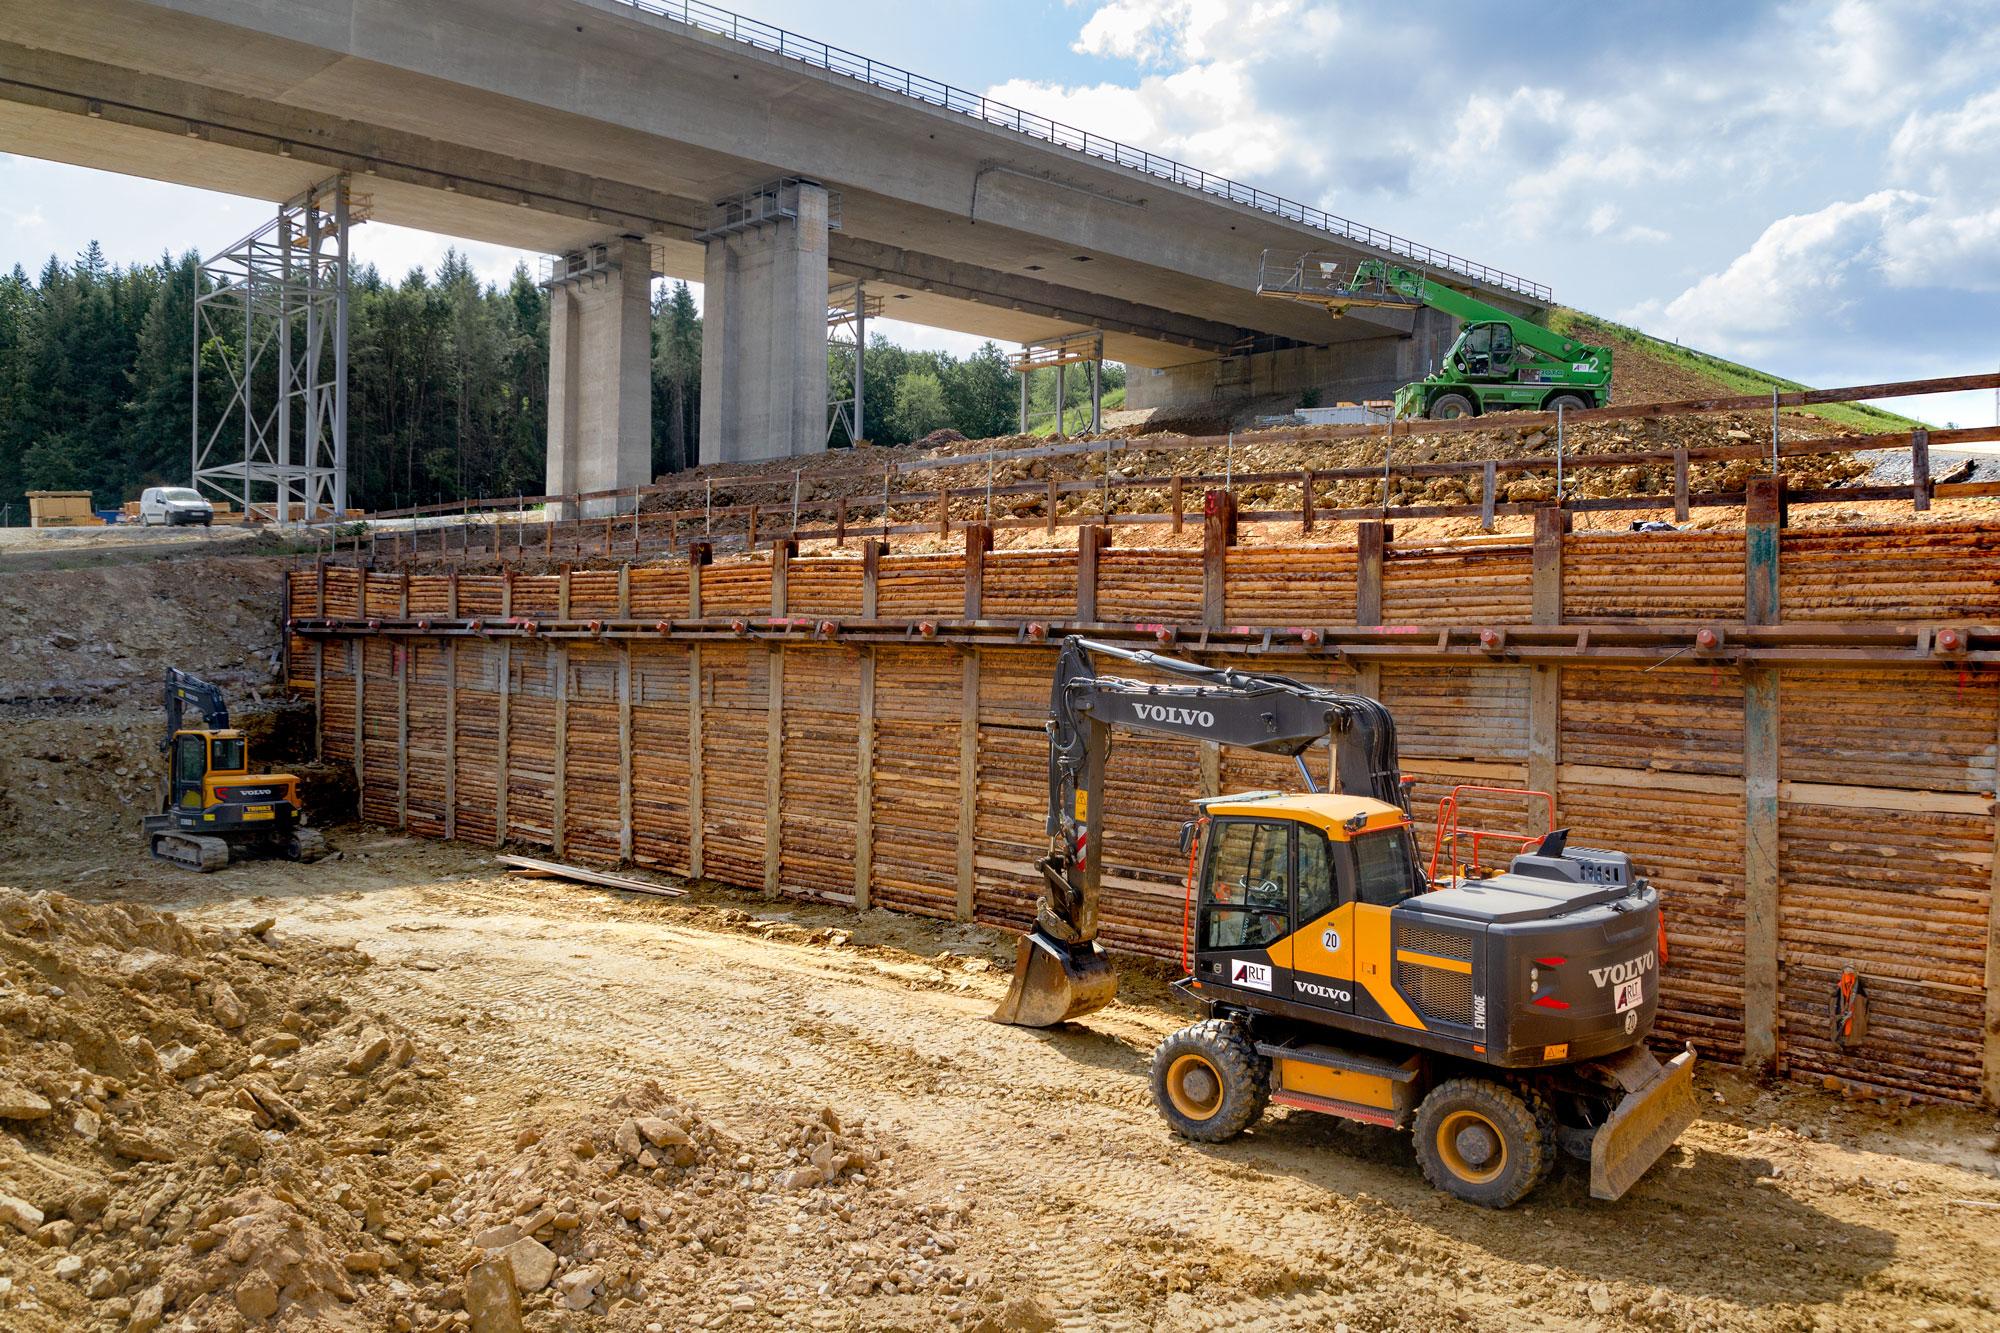 BAB A7 BW645a Talbrücke Werntal, Verbau RRB